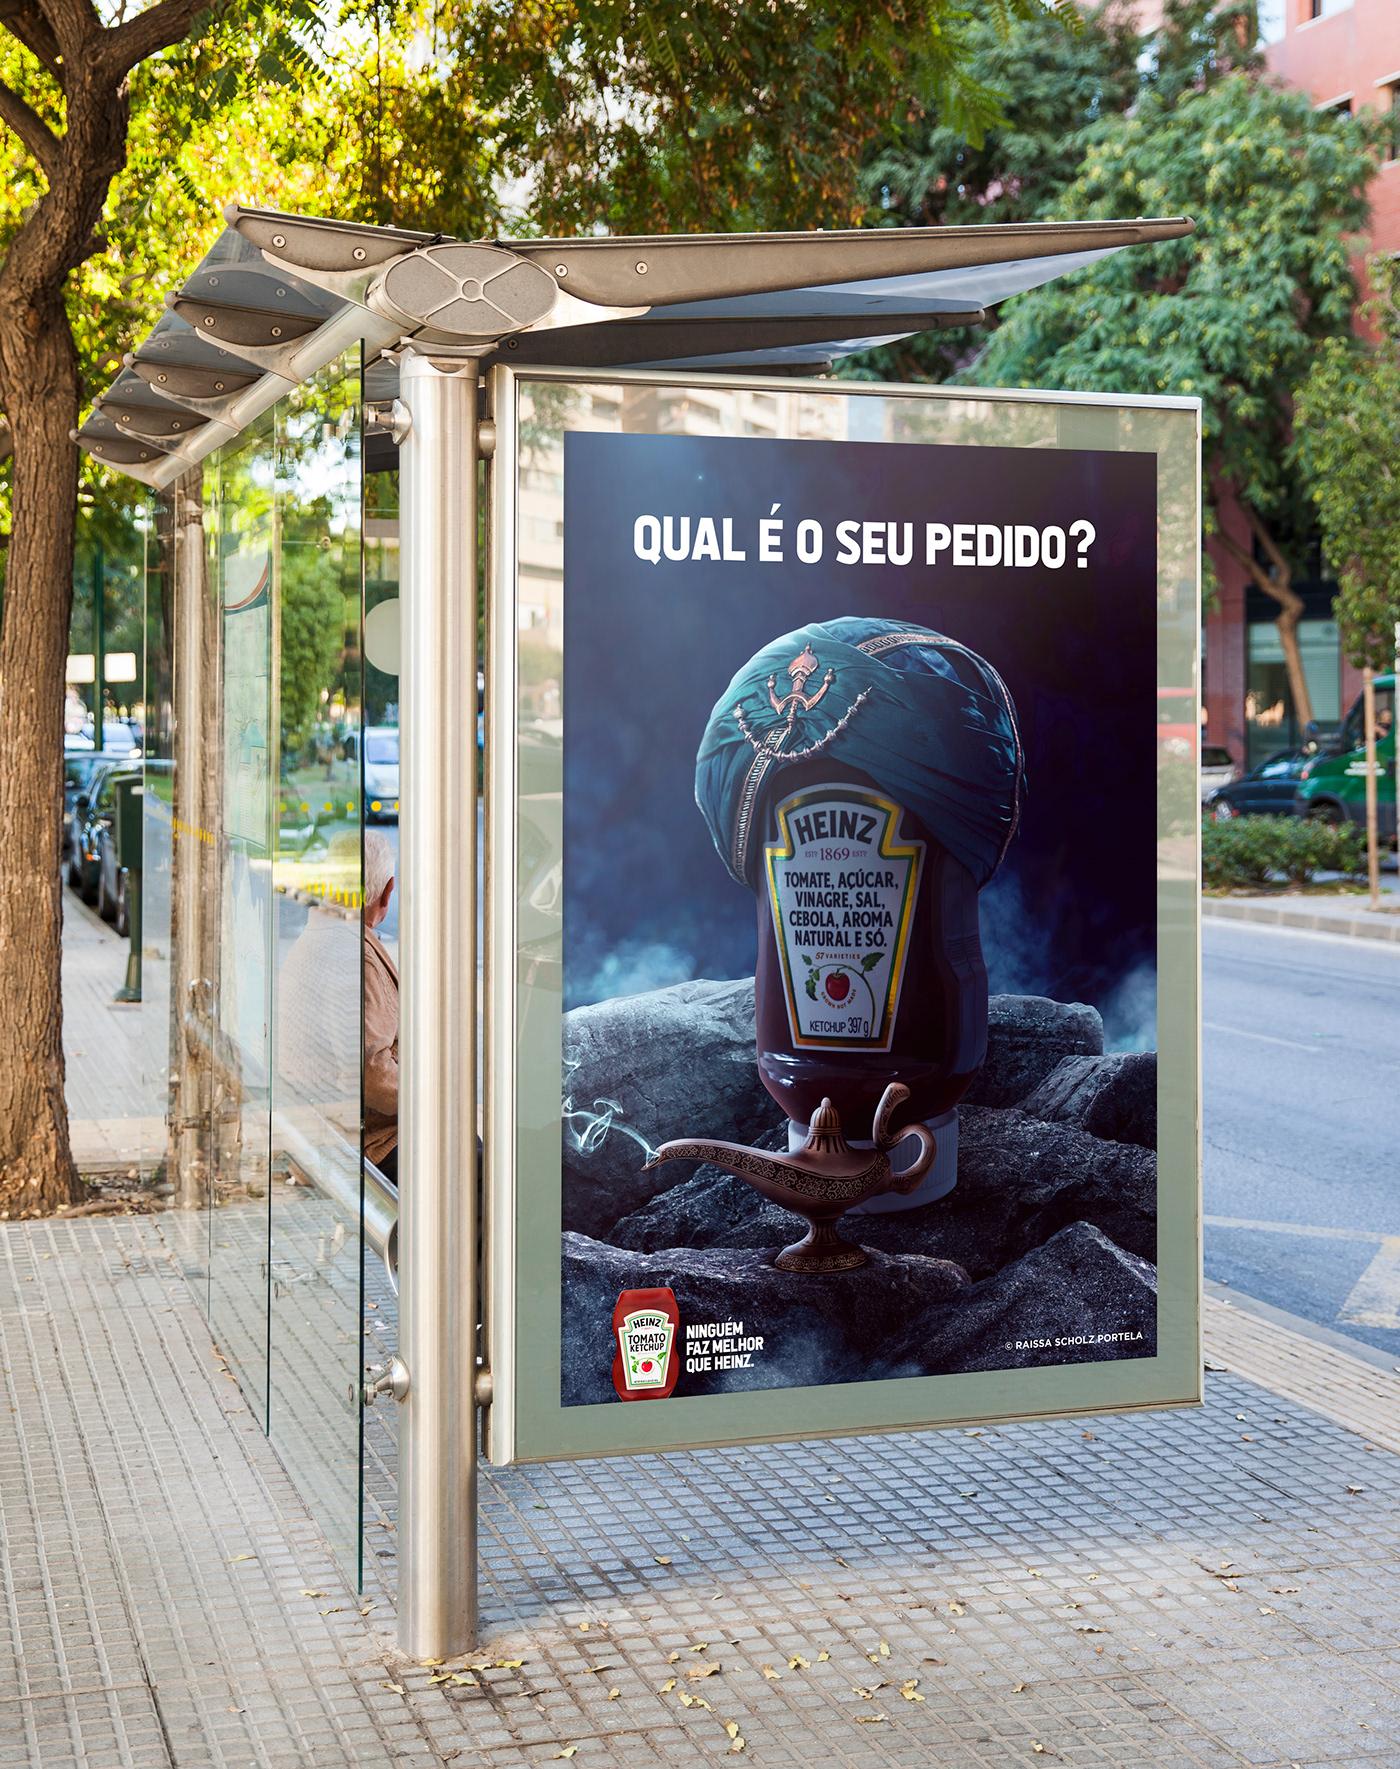 Kraft Heiz ketchup Curitiba publicidade aladdin disney marketing   campanha publicitaria